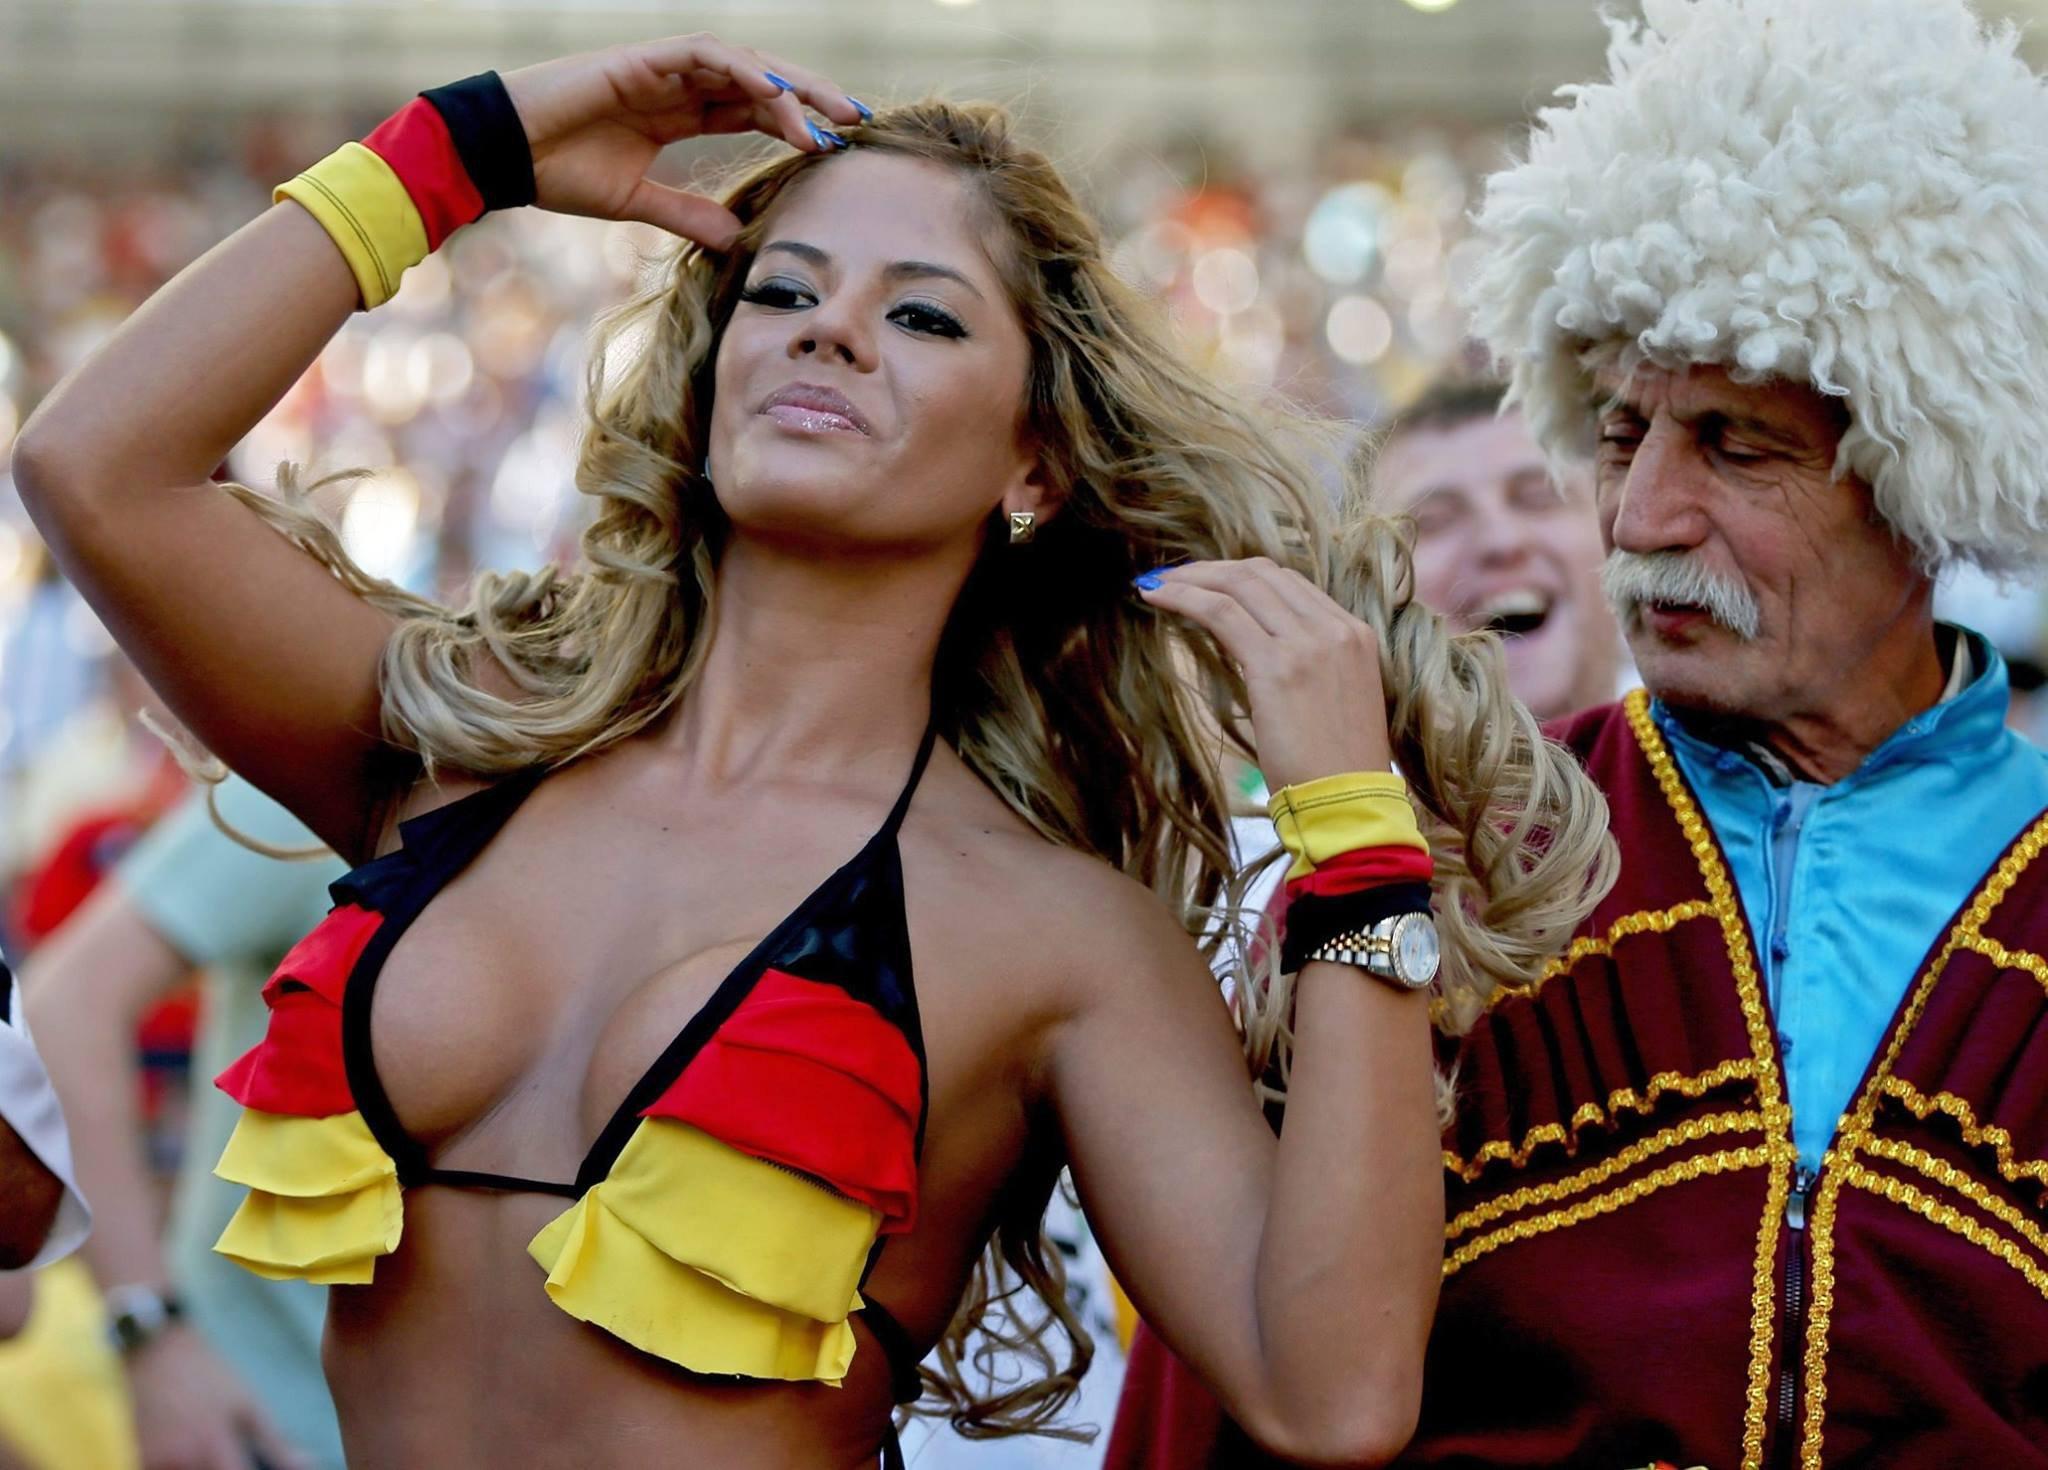 Сборник грудастых болельщиц с чемпионата мира по футболу секс фото и порно фото